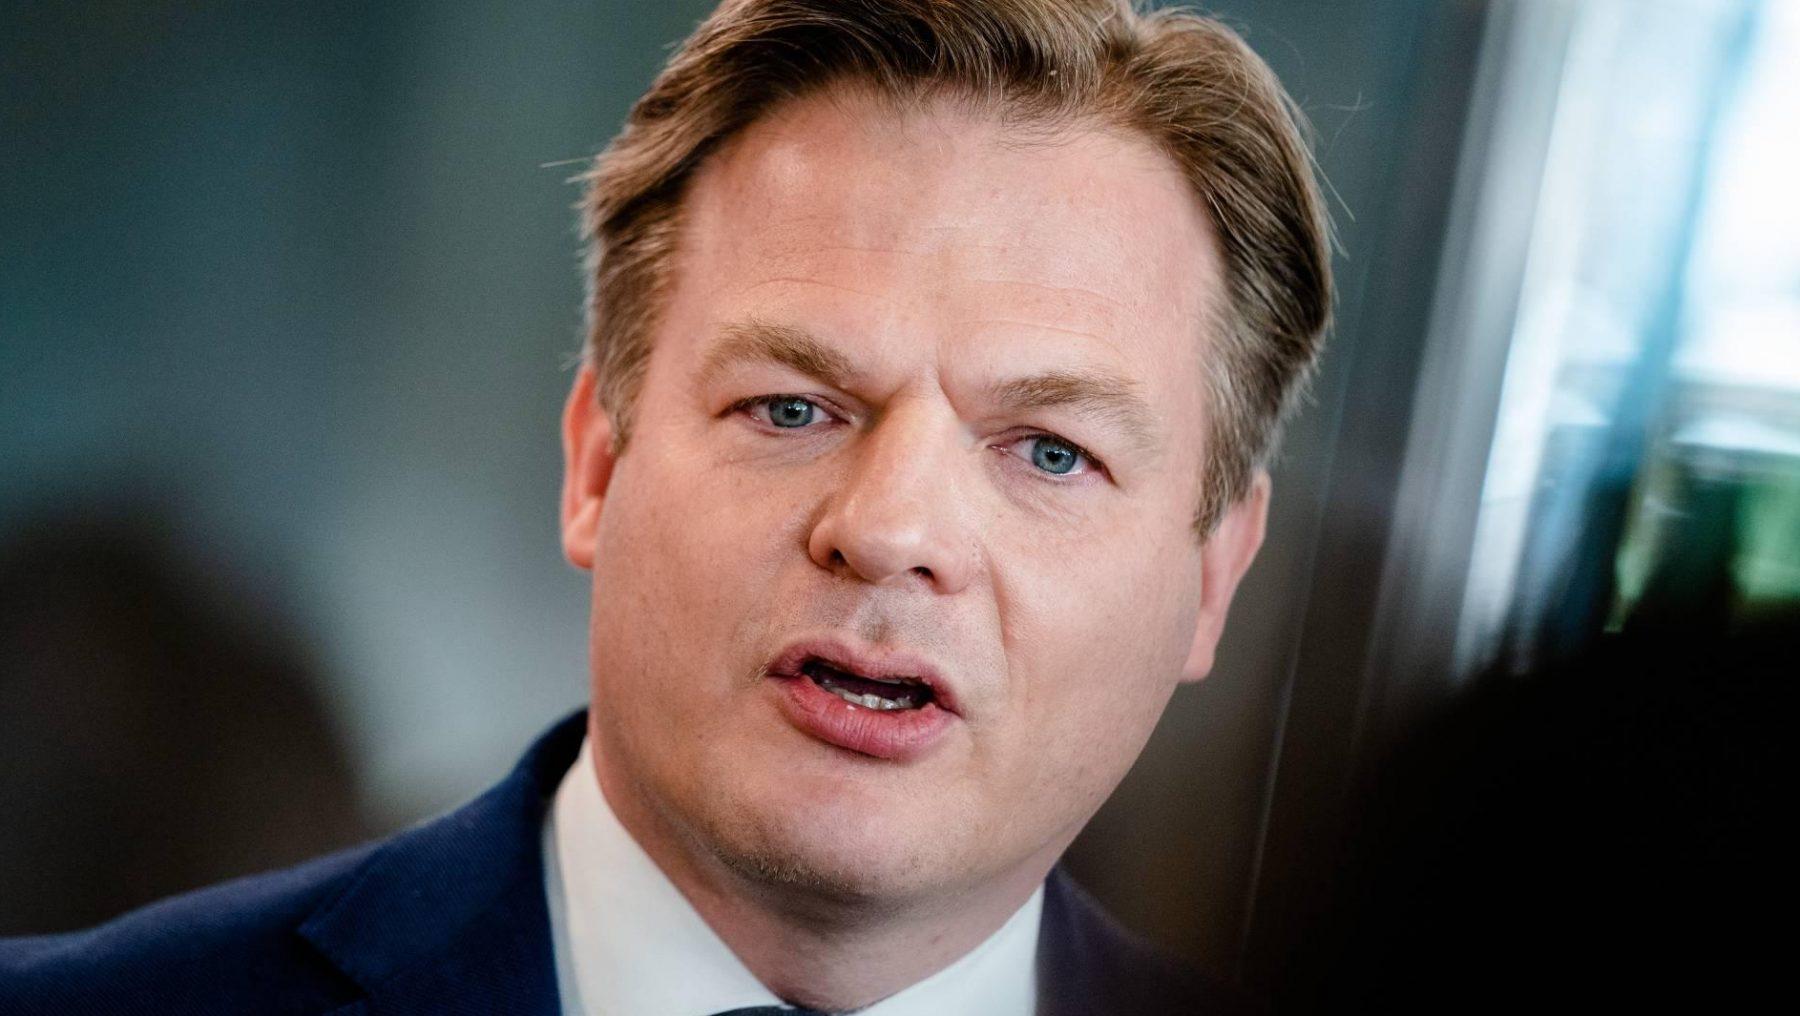 Pieter Omtzigt doet onthullingen in vertrouwd document